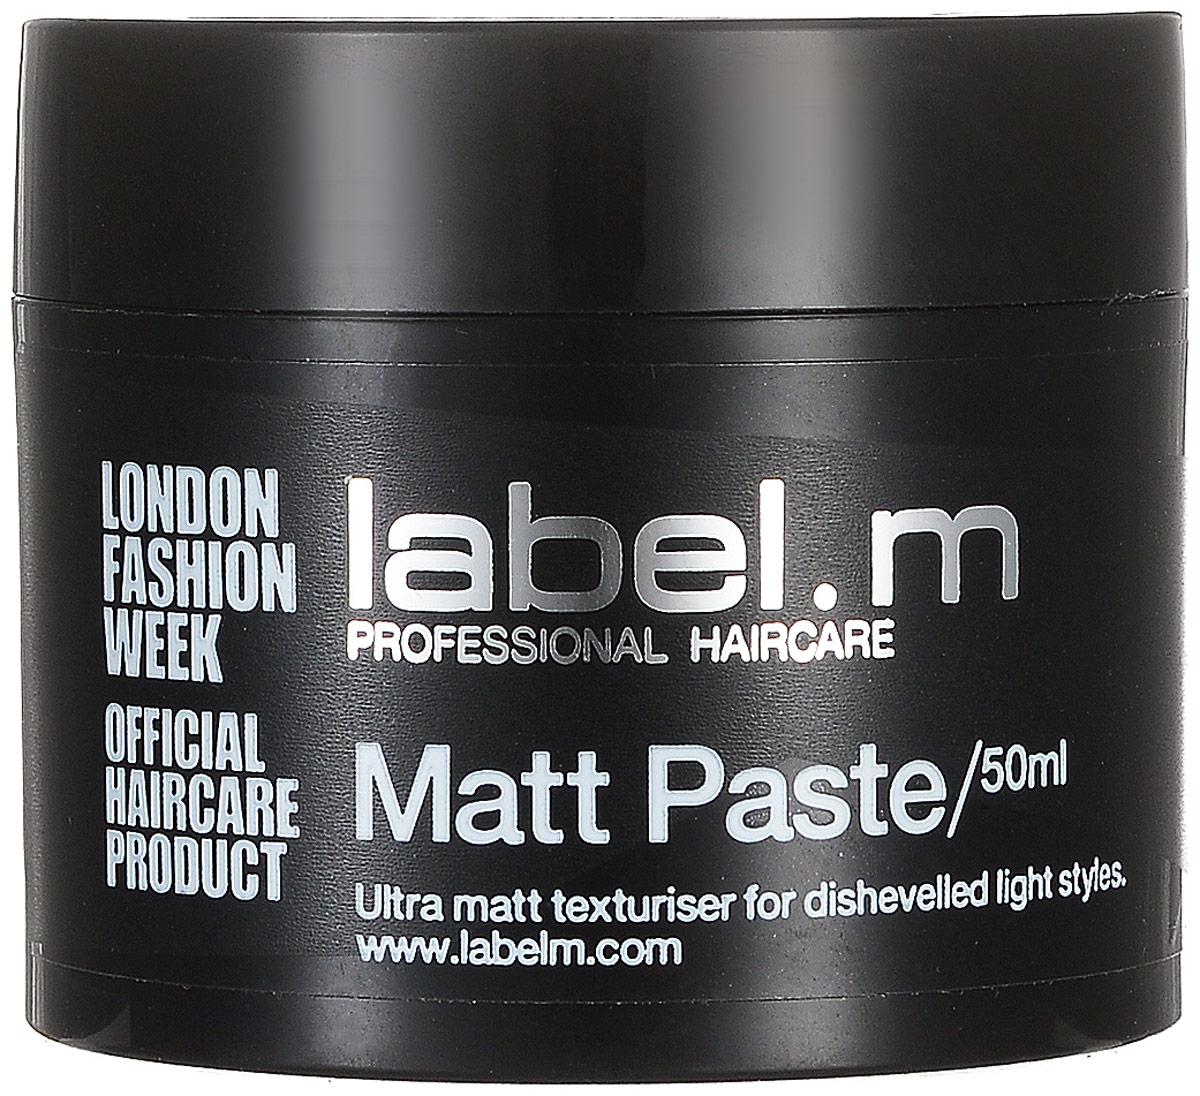 Label.m Паста матовая, 50 млMP59.4DОбеспечивает великолепную матовую текстуру и четкость формы. Подходит для коротких волос и волос средней длины. Подходит для коротких волос и волос средней длины. Содержит инновационный комплекс Enviroshield, который защищает волосы от термического воздействия во время укладки, от УФ лучей и воздействия окружающей среды, позволяет экспериментировать без вреда для волос.